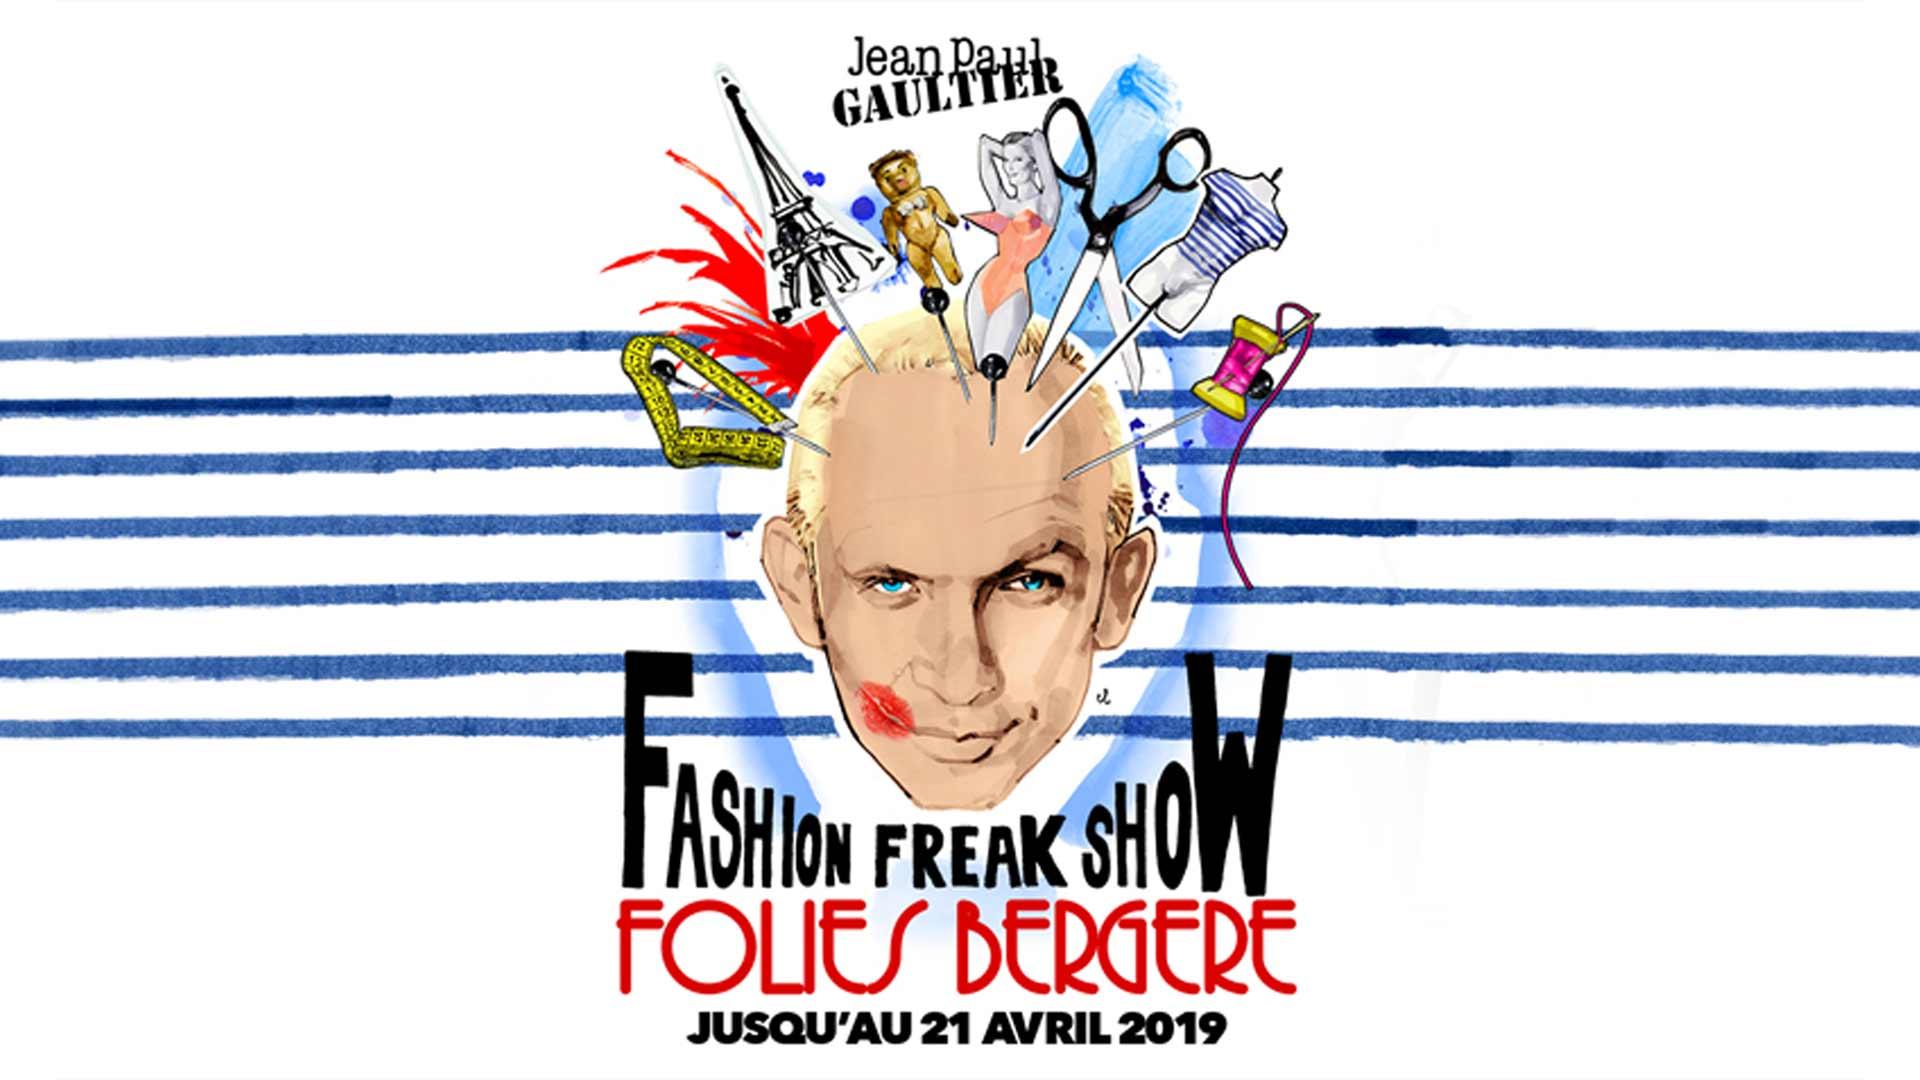 Visuel du jeu-concours pour assister au Fashion Freak Show de Jean Paul Gaultier avec TF1 et Vous